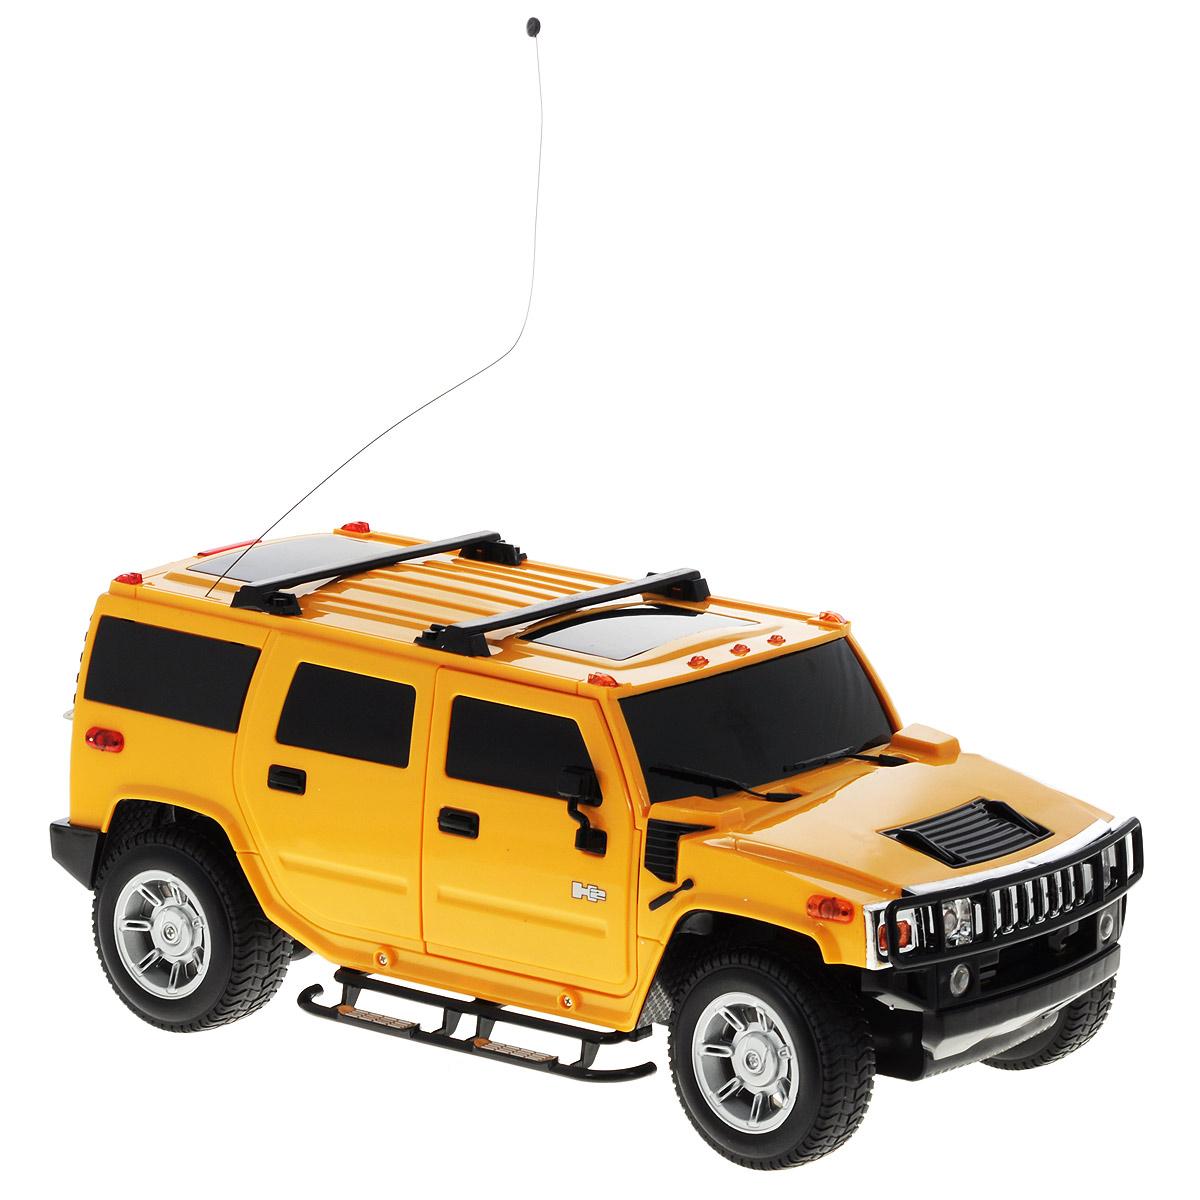 """Культовый американский внедорожник Hummer привлечет внимание как ребенка, так и взрослого и понравится любому, кто увлекается автомобилями. Маневренная и реалистичная уменьшенная копия """"Hummer H2"""" выполнена в точной детализации с настоящим автомобилем в масштабе 1/12. Управление машинкой происходит с помощью пульта. Машинка двигается вперед и назад, поворачивает направо и налево. Во время езды у нее можно включать свет фар. Колеса игрушки прорезинены и обеспечивают плавный ход, машинка не портит напольное покрытие. Радиоуправляемые игрушки способствуют развитию координации движений, моторики и ловкости. Ваш ребенок часами будет играть с моделью, придумывая различные истории и устраивая соревнования. Порадуйте его таким замечательным подарком! Питание: машина работает от аккумулятора напряжением 6V 800 mAh (входит в комплект); пульт управления работает от 6 батареек напряжением 1,5V типа AA (входят в комплект)."""